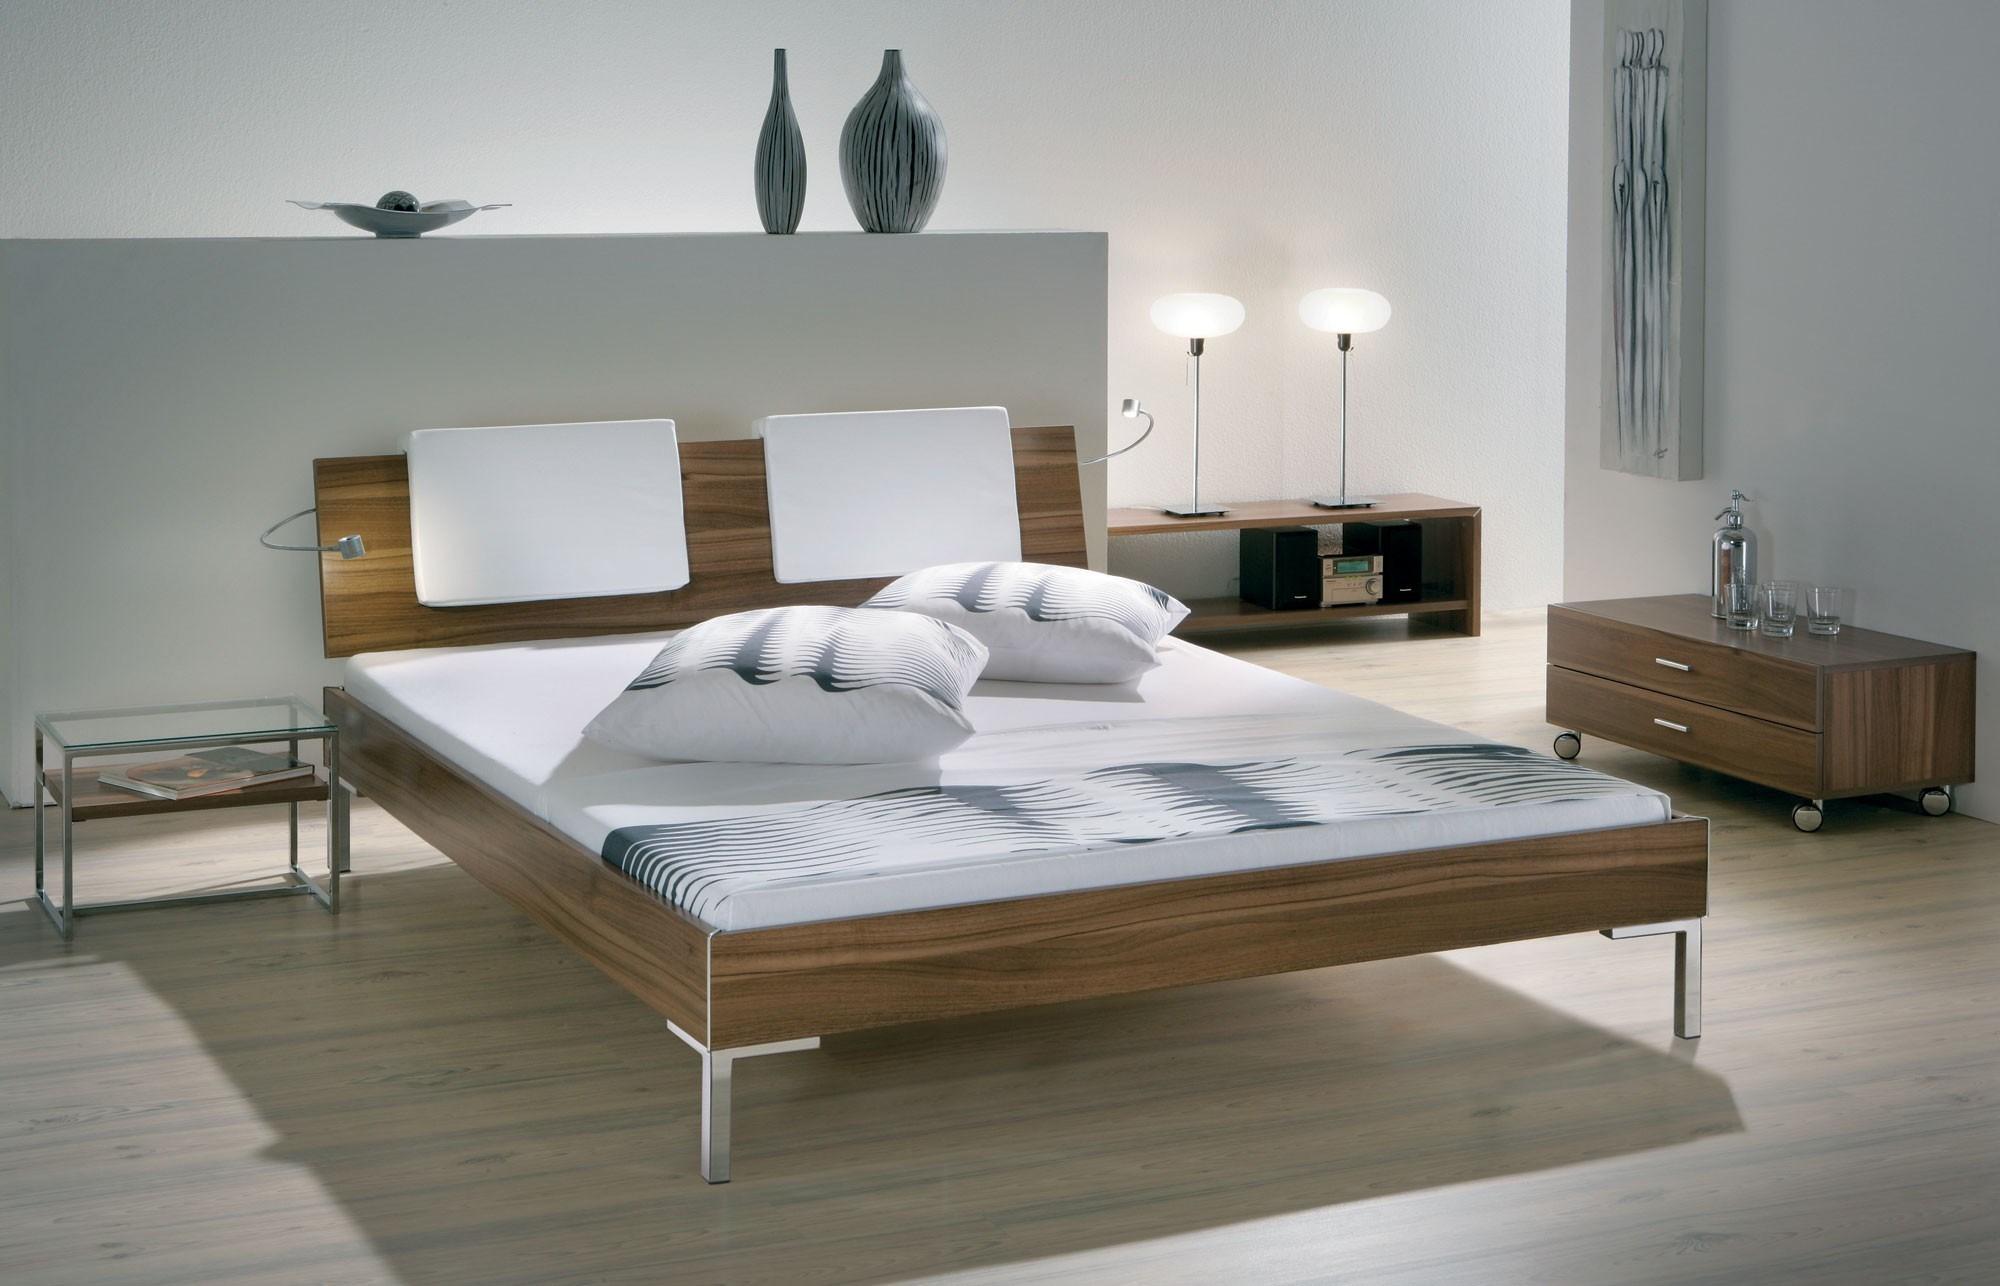 Hasena Movieline Gina Chrome Orva Varo Contemporary Bed